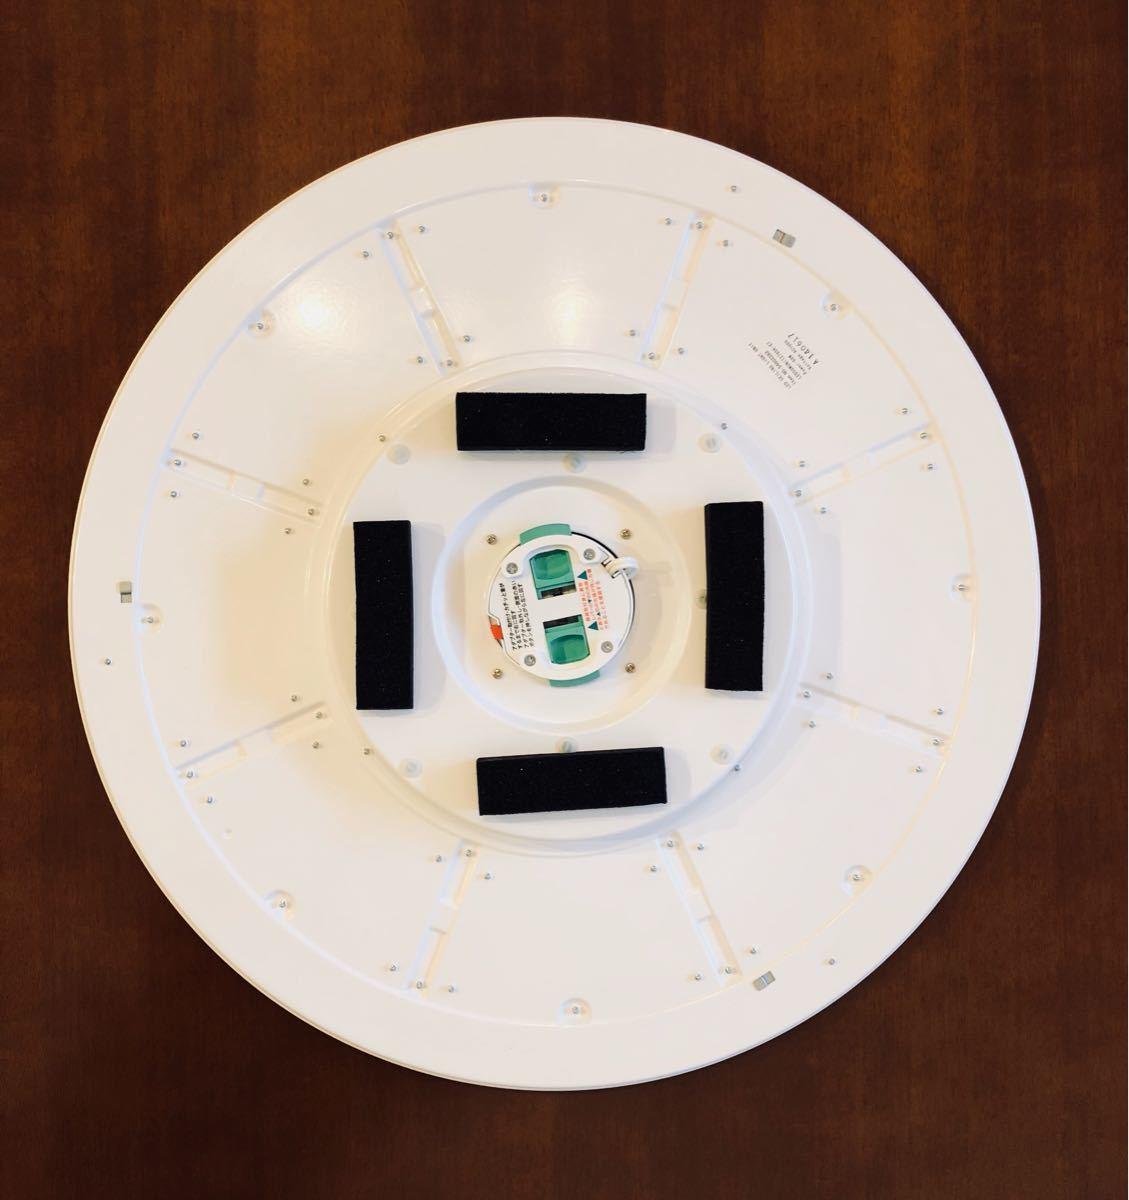 無印良品 LED木製シーリングライト 調光調色機能付 ダークブラウン_画像7